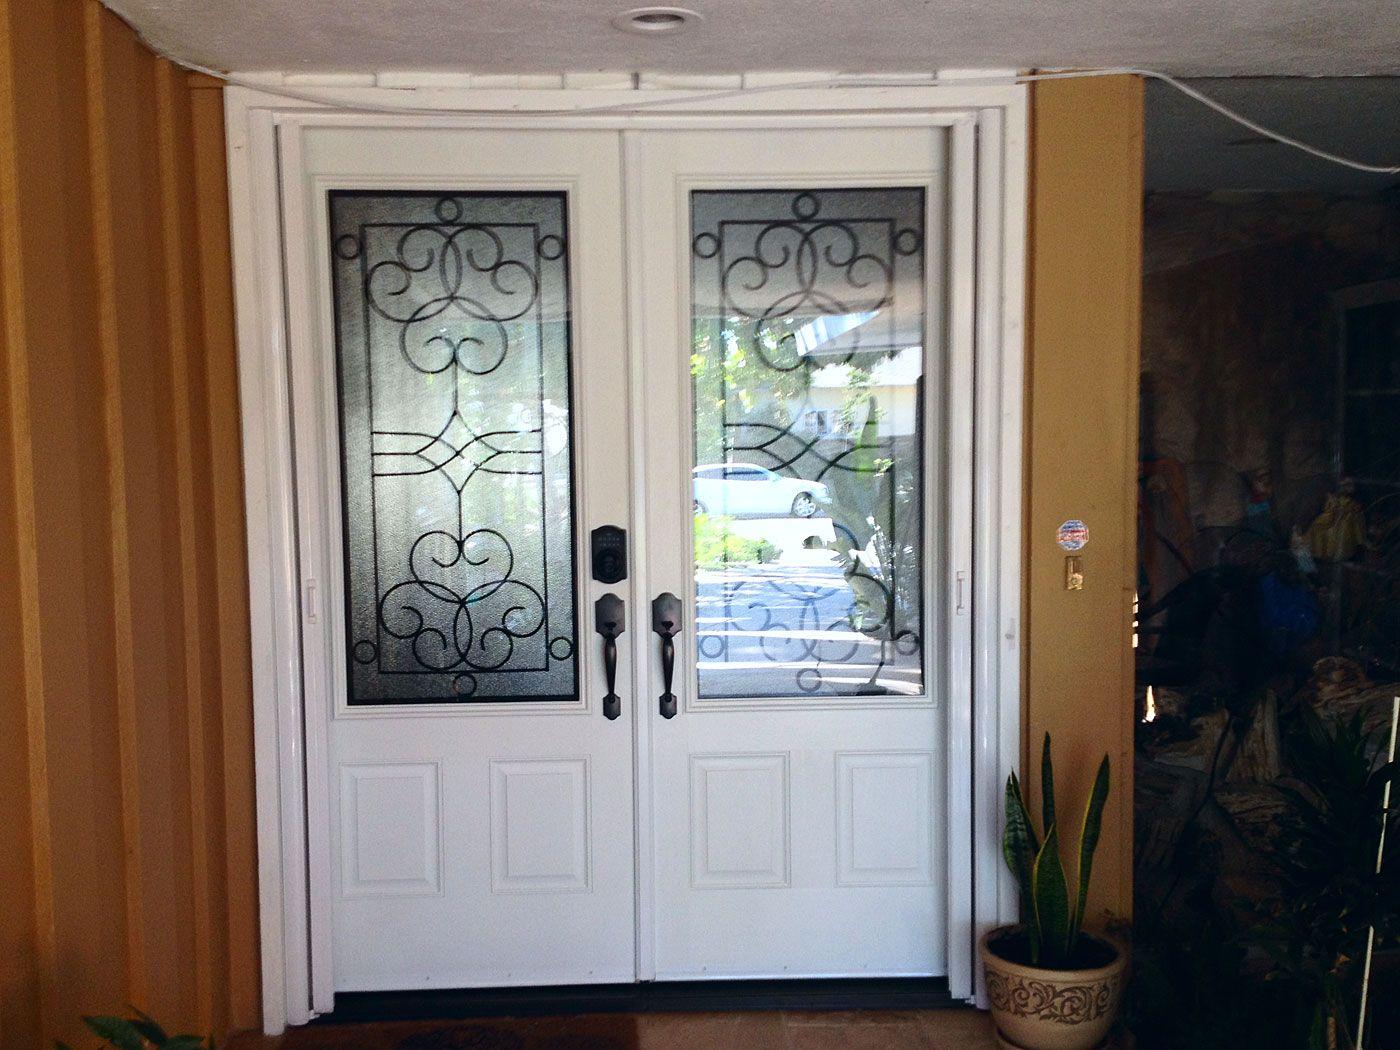 8 Foot Tall Double Doors With Screen Doors.